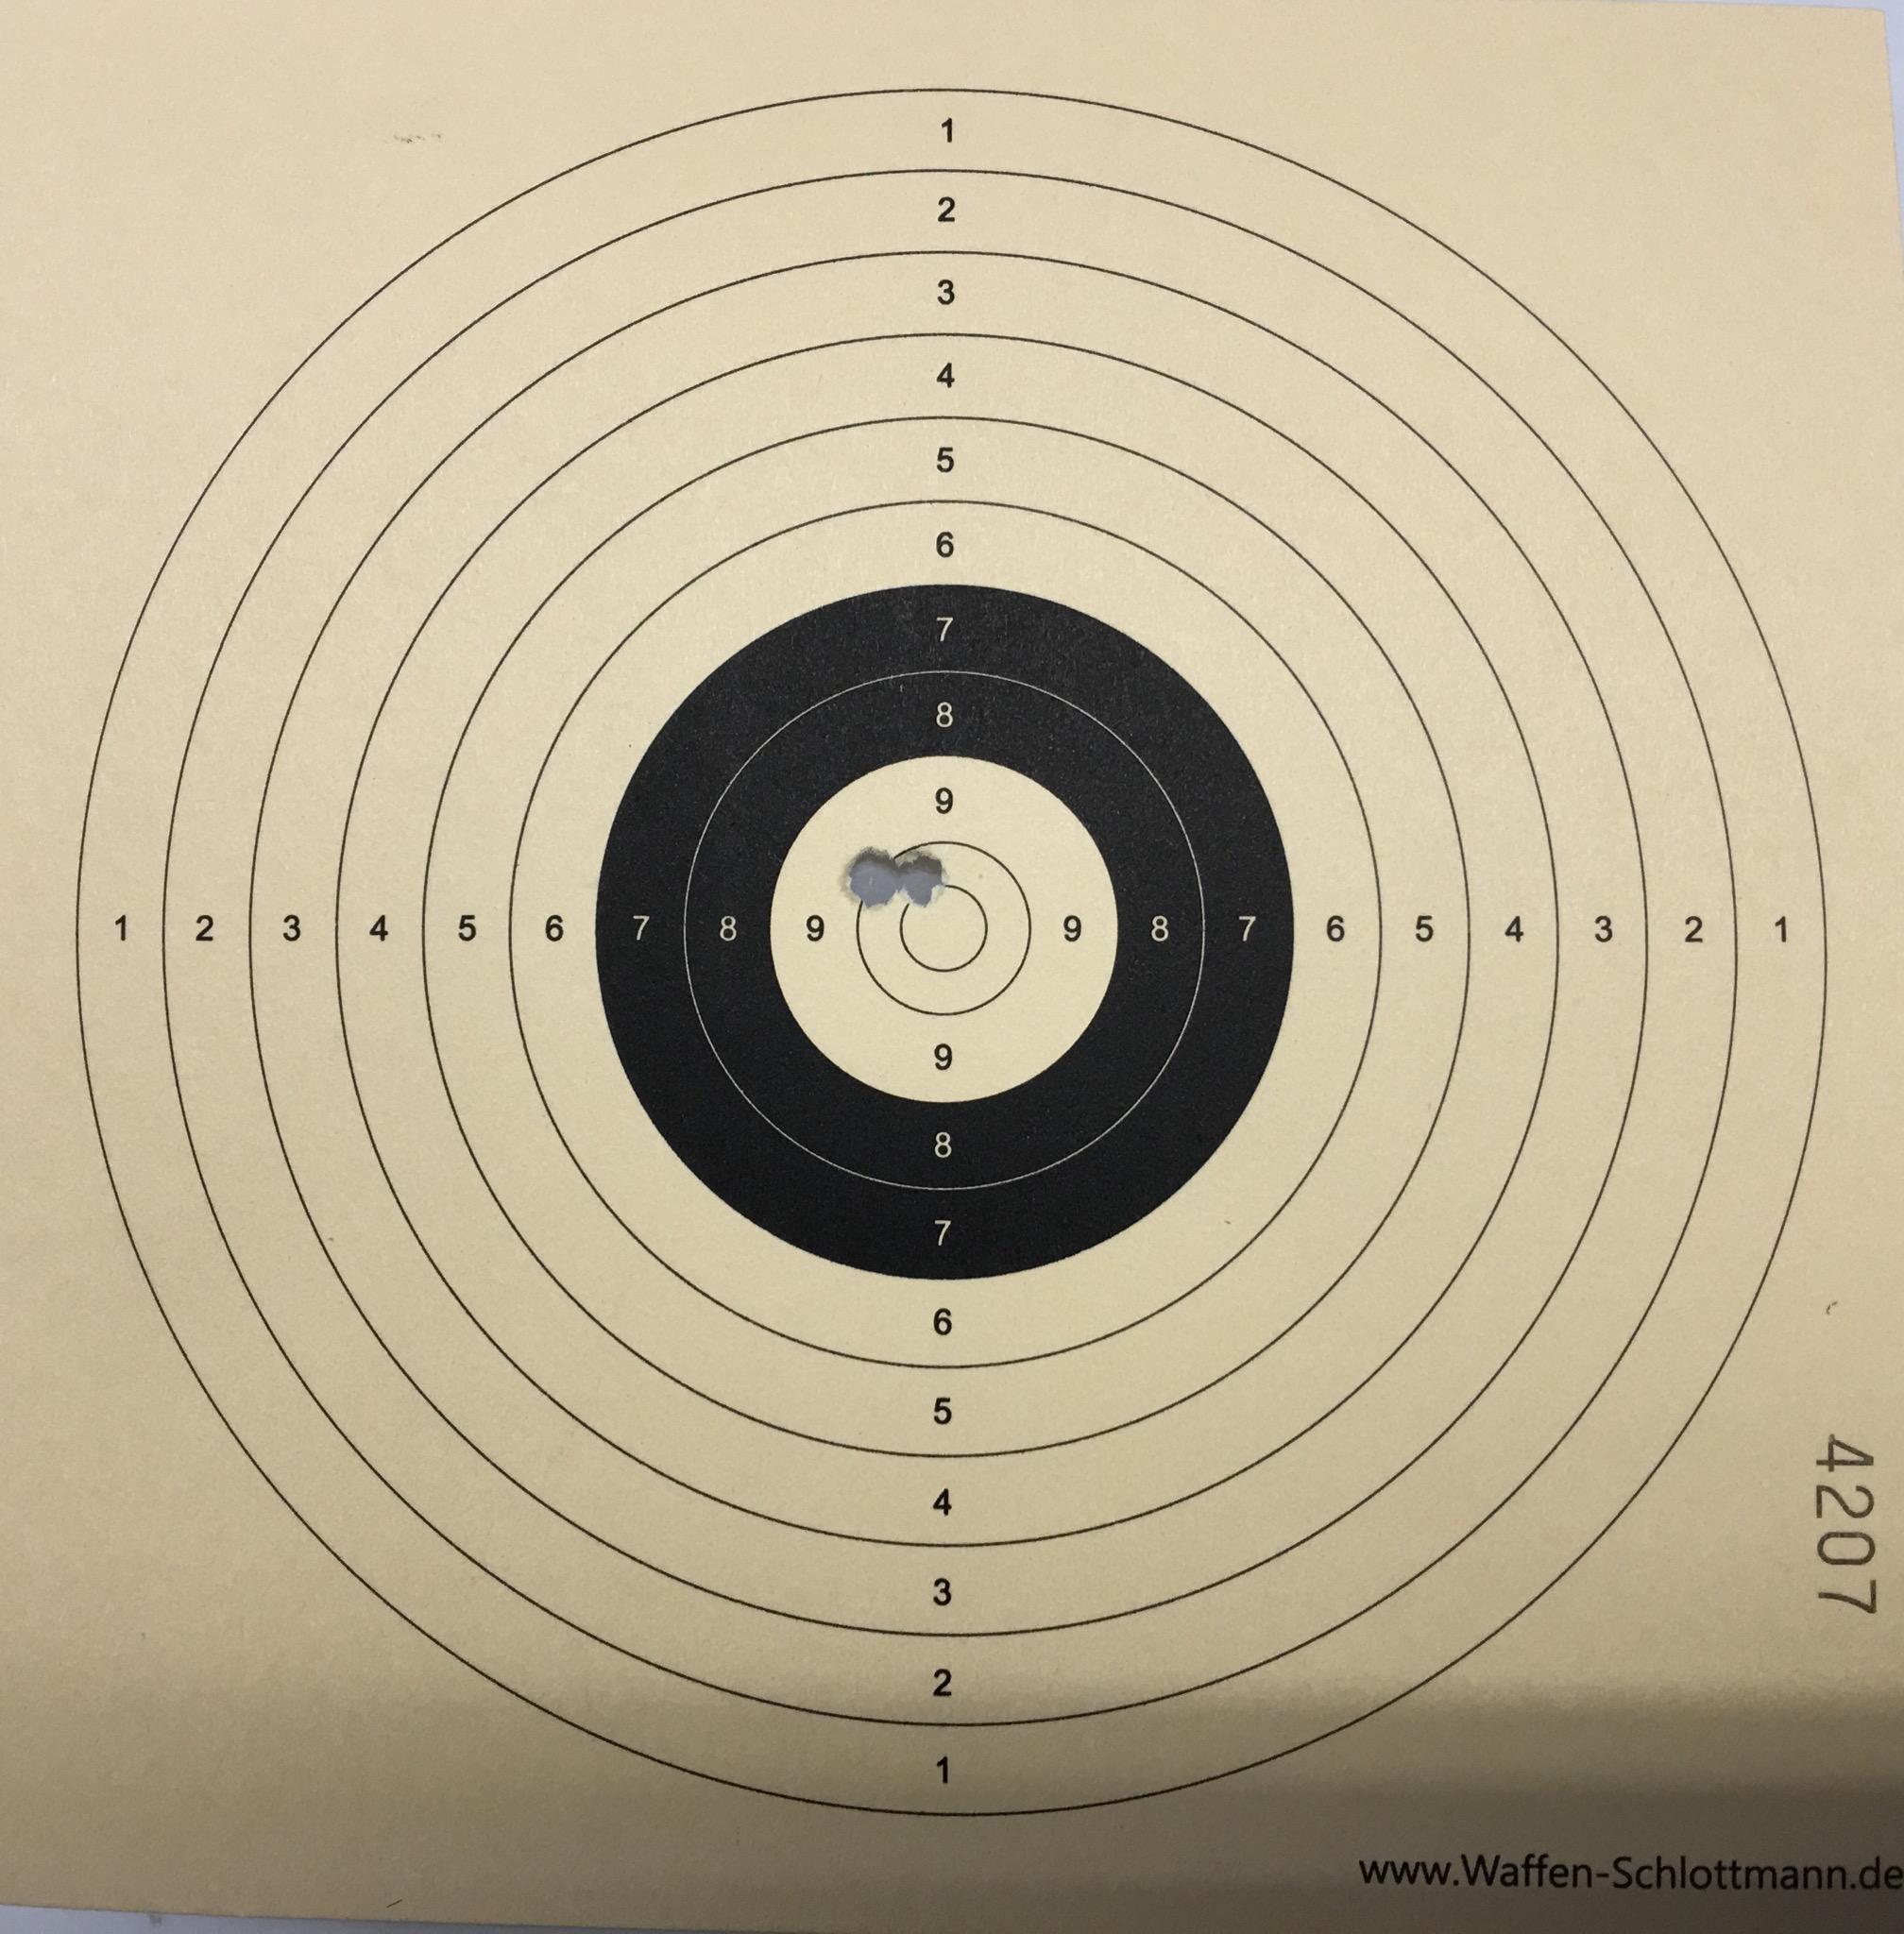 Wie mein Trefferbild (3 Schuss auf 11m) mit so einer Optik und einer <a href=1160060-45.htm>Luftpistole HW 75 Target</a> deutlich macht, ist mir so eine Visierung eine große Hilfe.